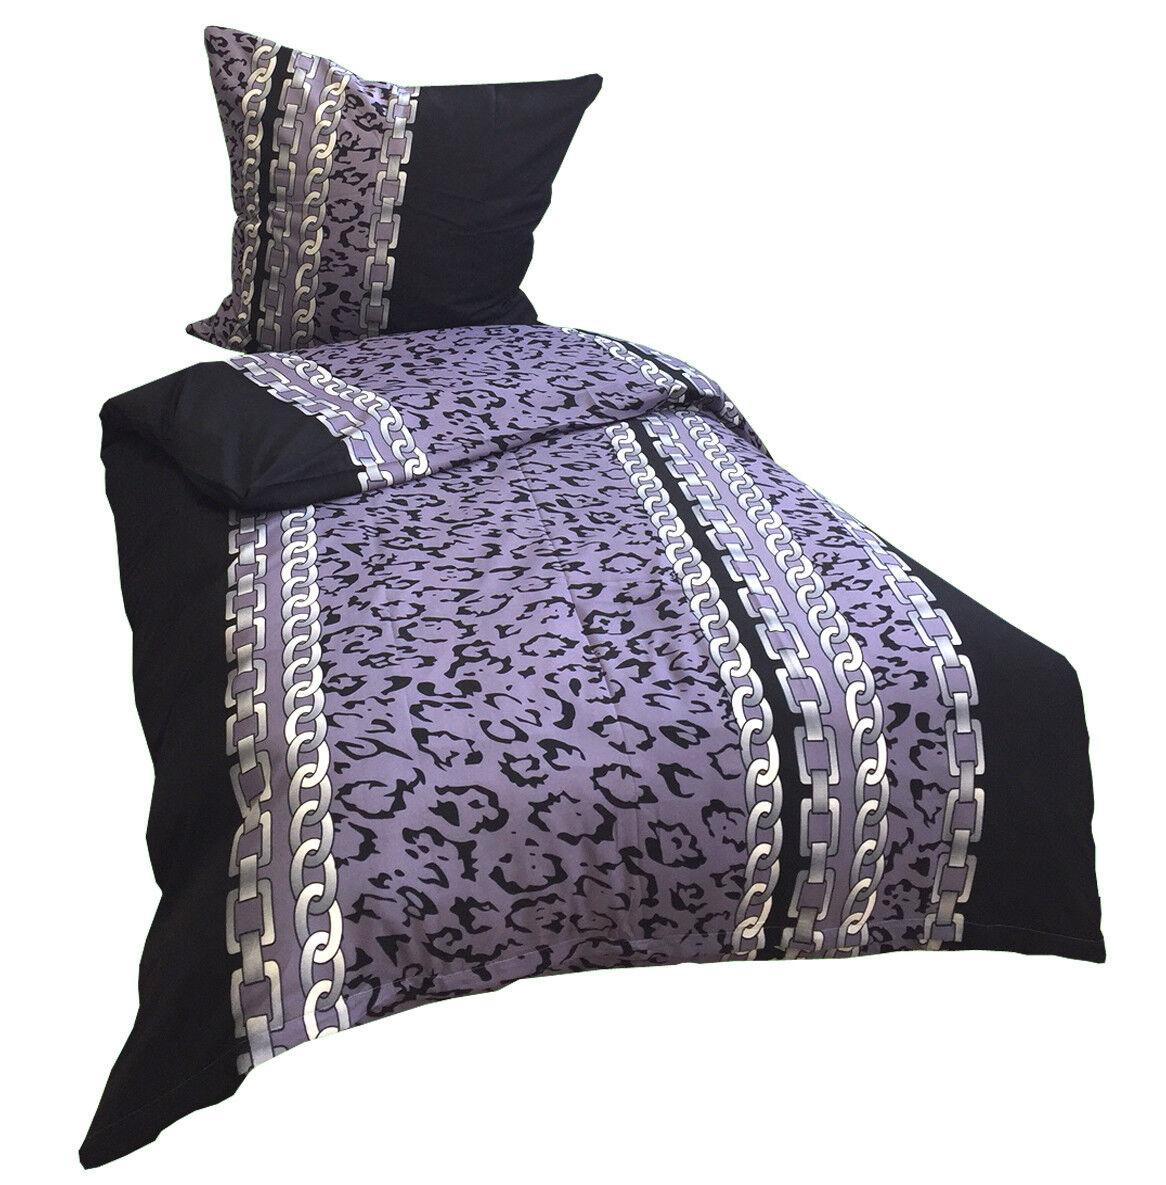 microfaser bettw sche test vergleich microfaser bettw sche g nstig kaufen. Black Bedroom Furniture Sets. Home Design Ideas